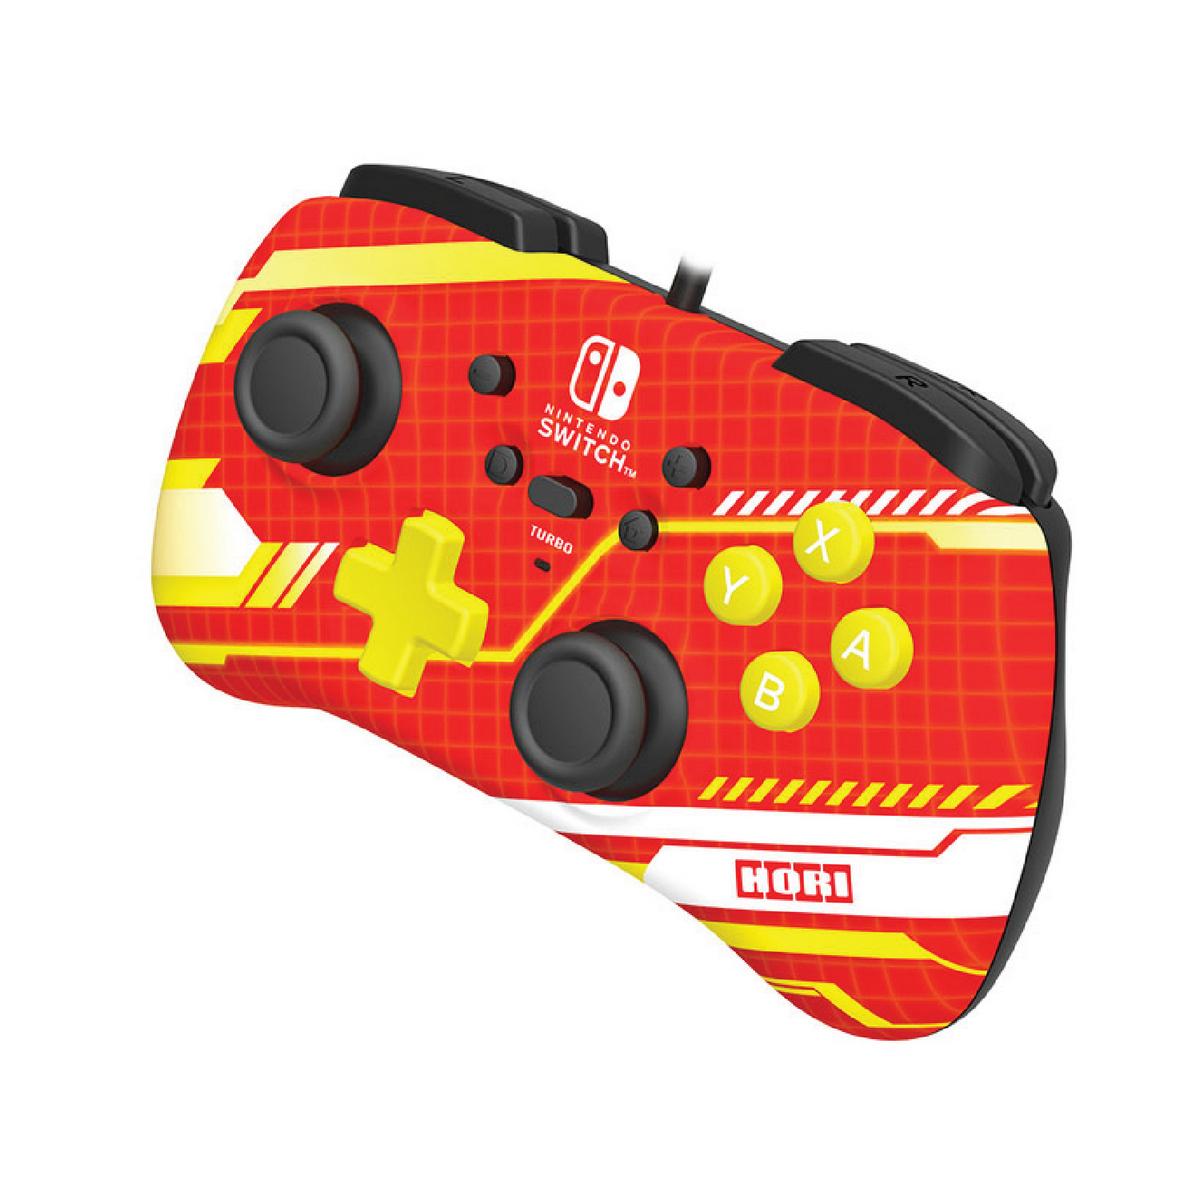 เกมคอนโทรลเลอร์ (สีแดง) รุ่น Mechanic Red Minipad